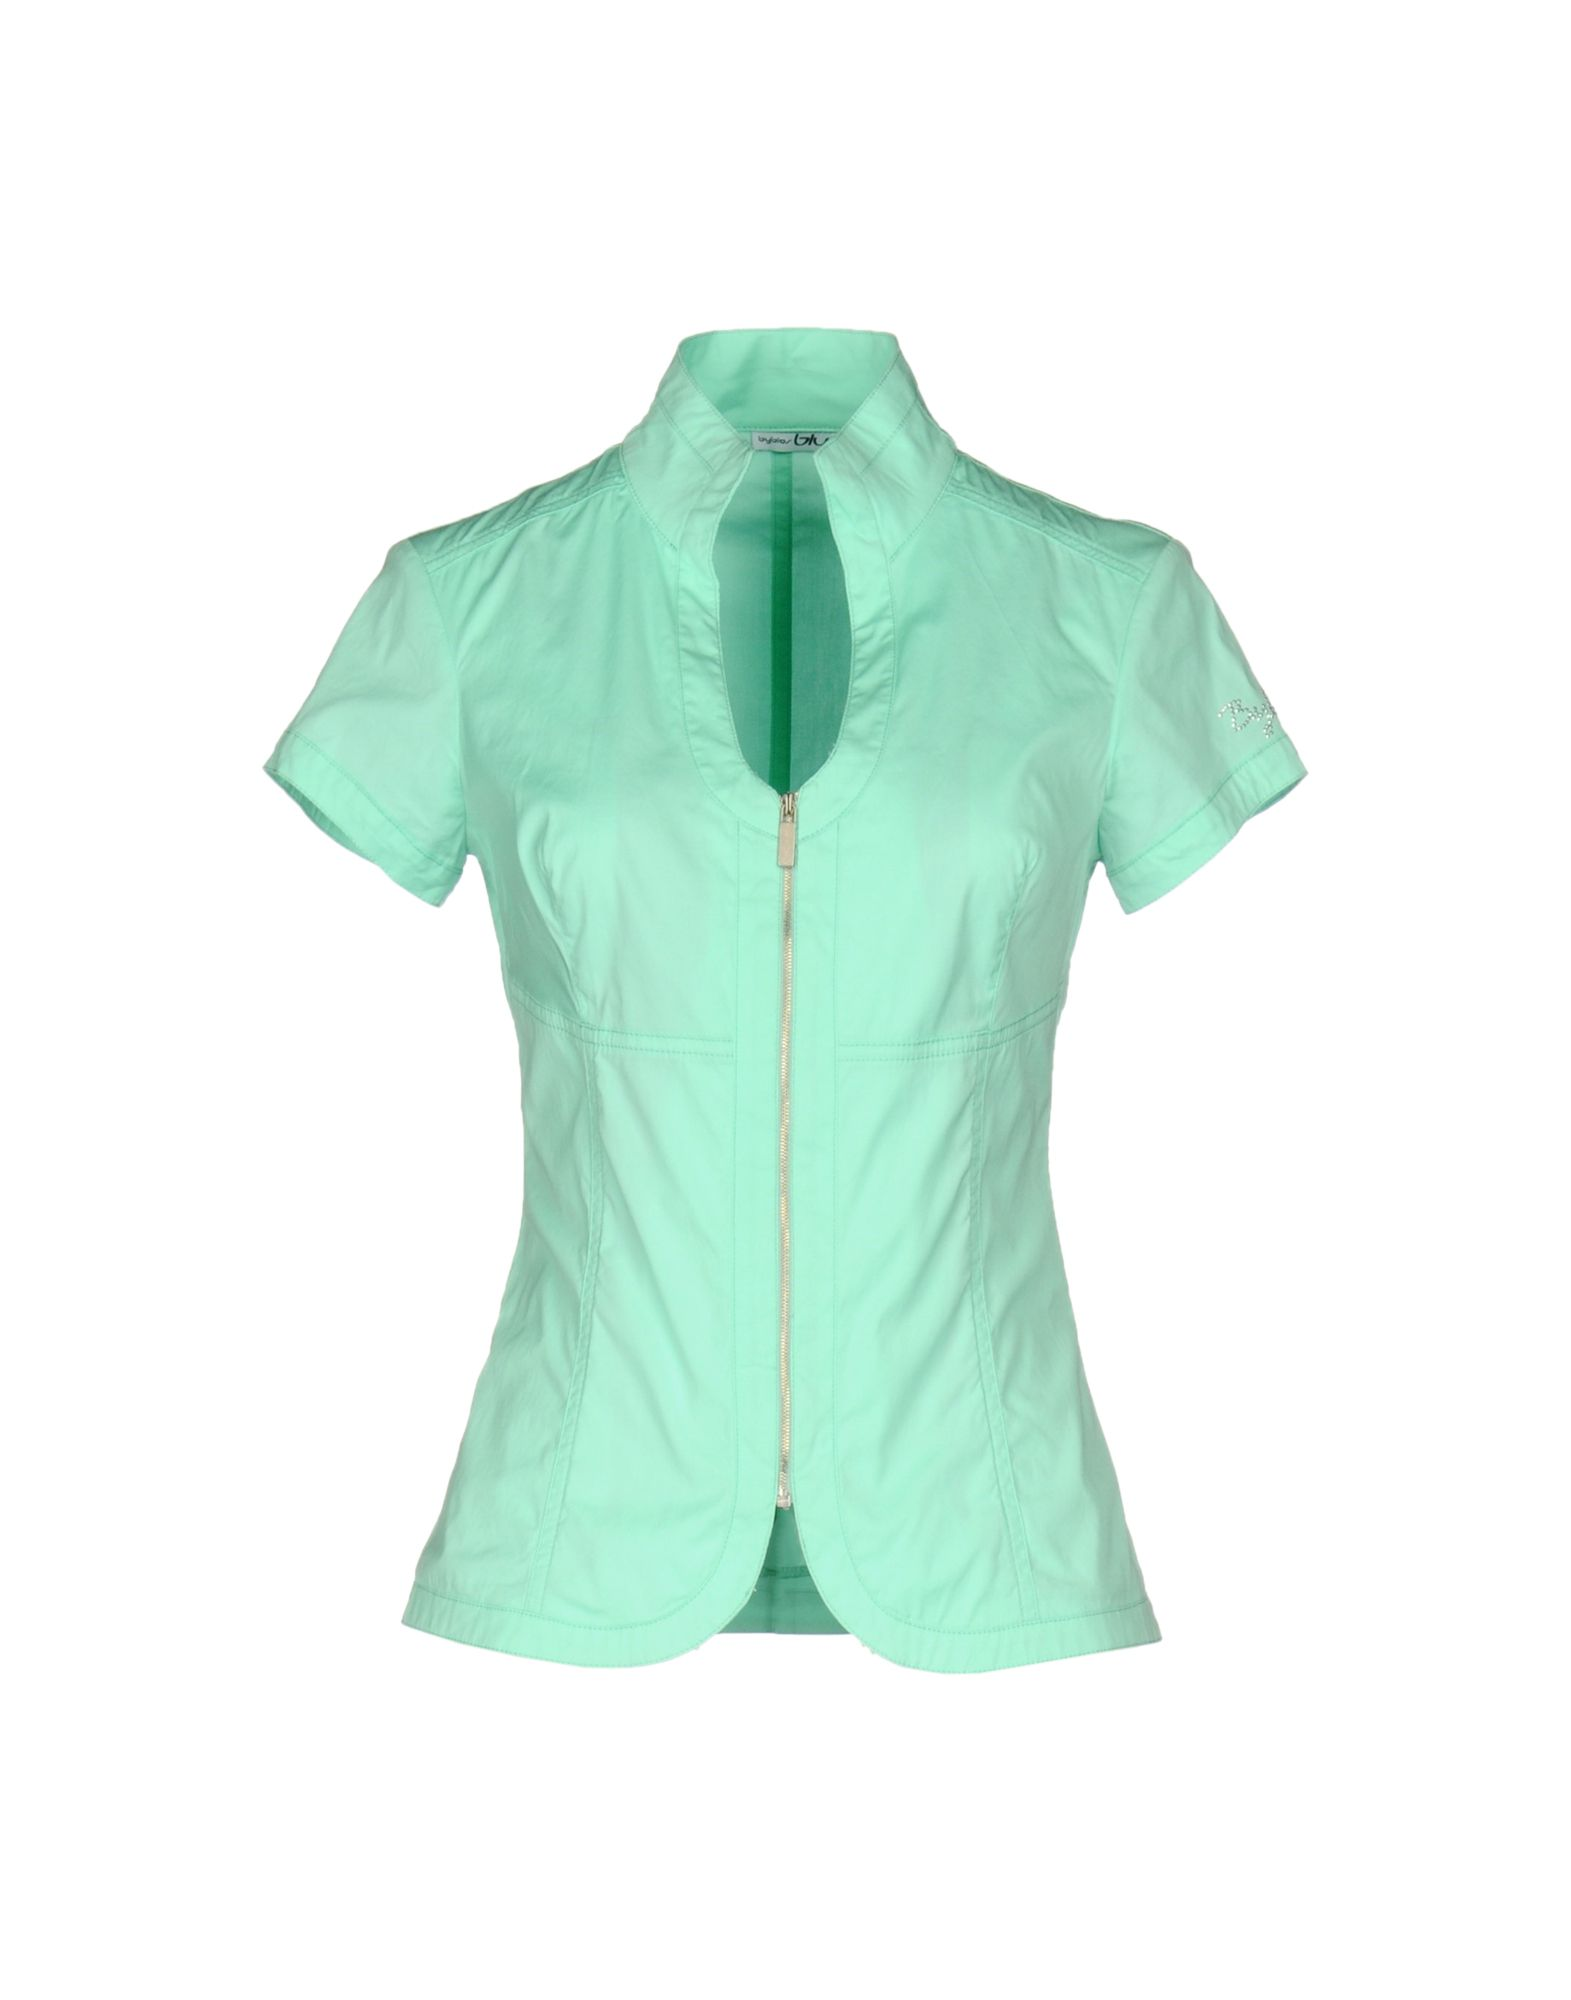 BLU BYBLOS Damen Hemd Farbe Säuregrün Größe 5 - broschei